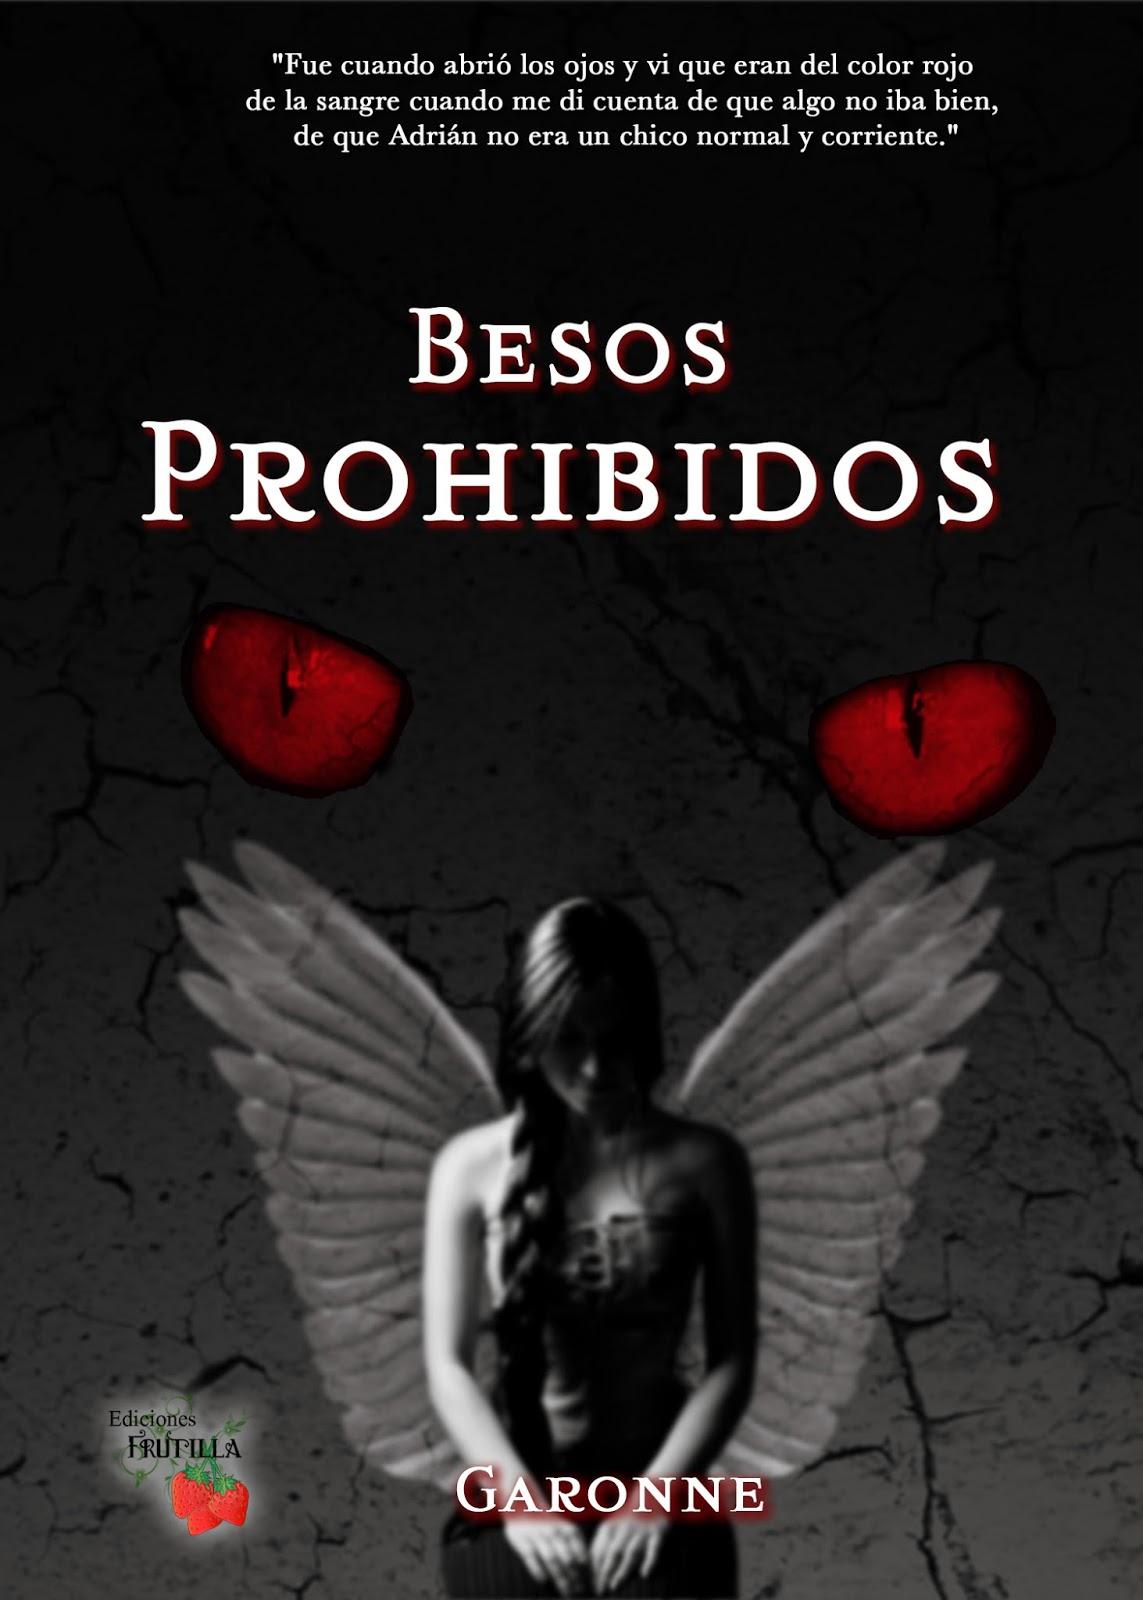 """Fic """"Besos prohibidos"""" de Garonne.  Besos+prohibidos+portada+final"""